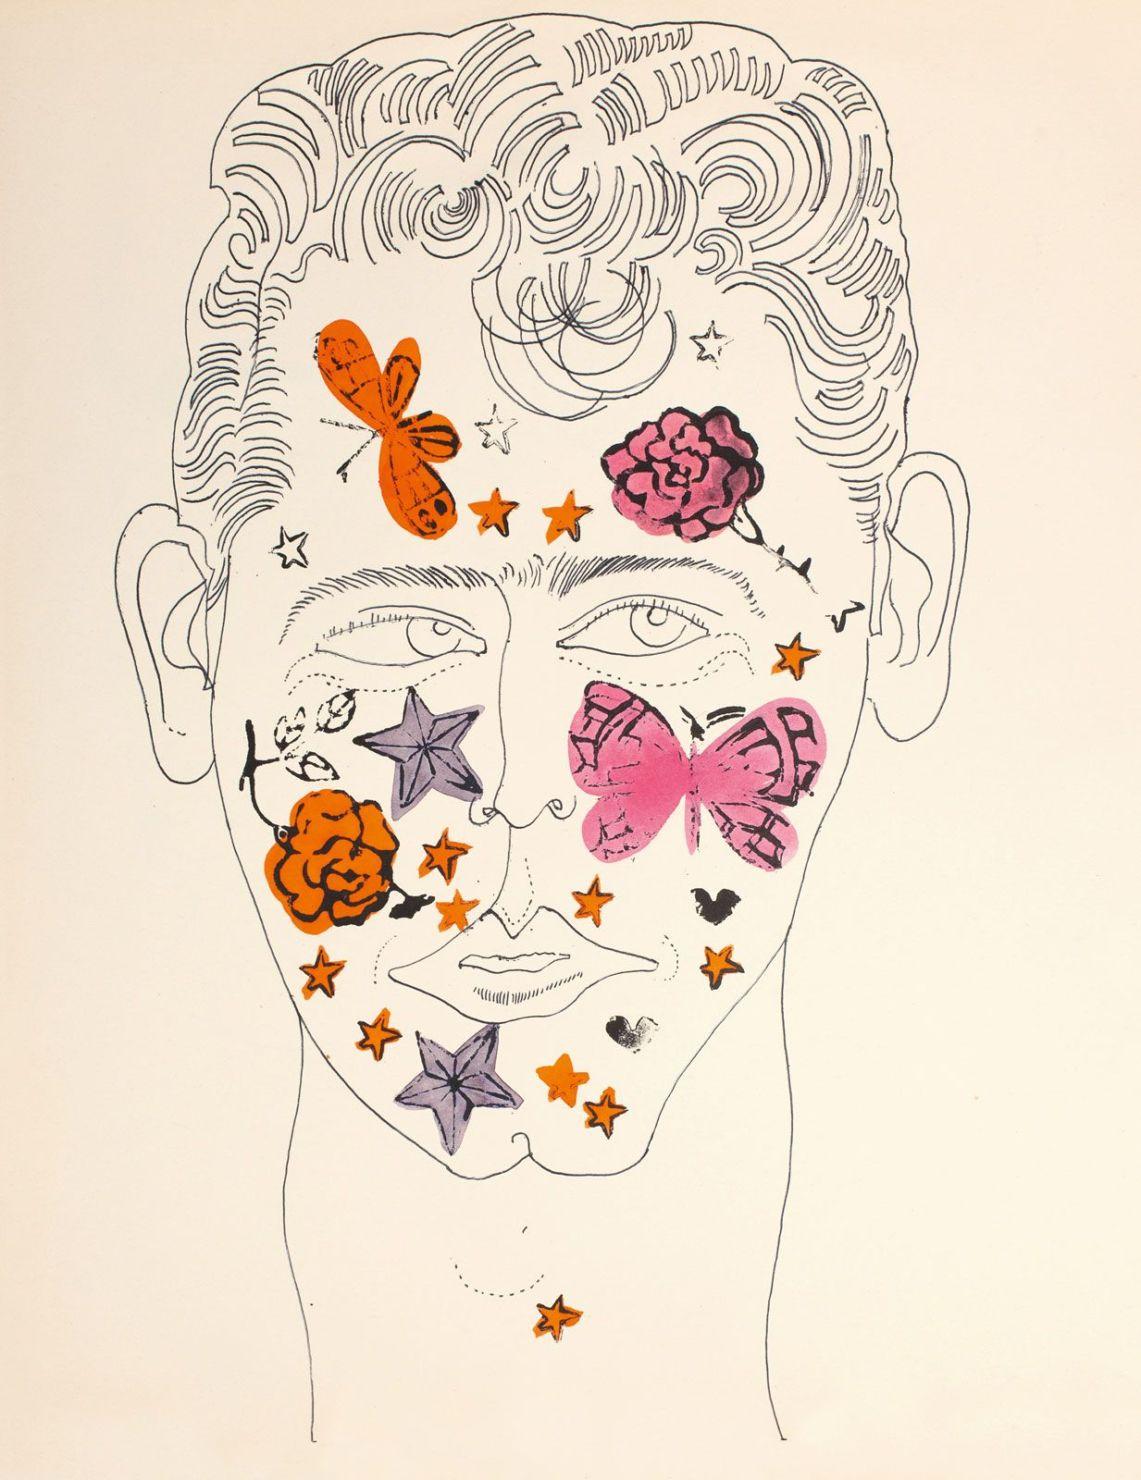 Las obras eróticas de Andy Warhol que tal vez no conocías - andy-warhol-dibujos-cara